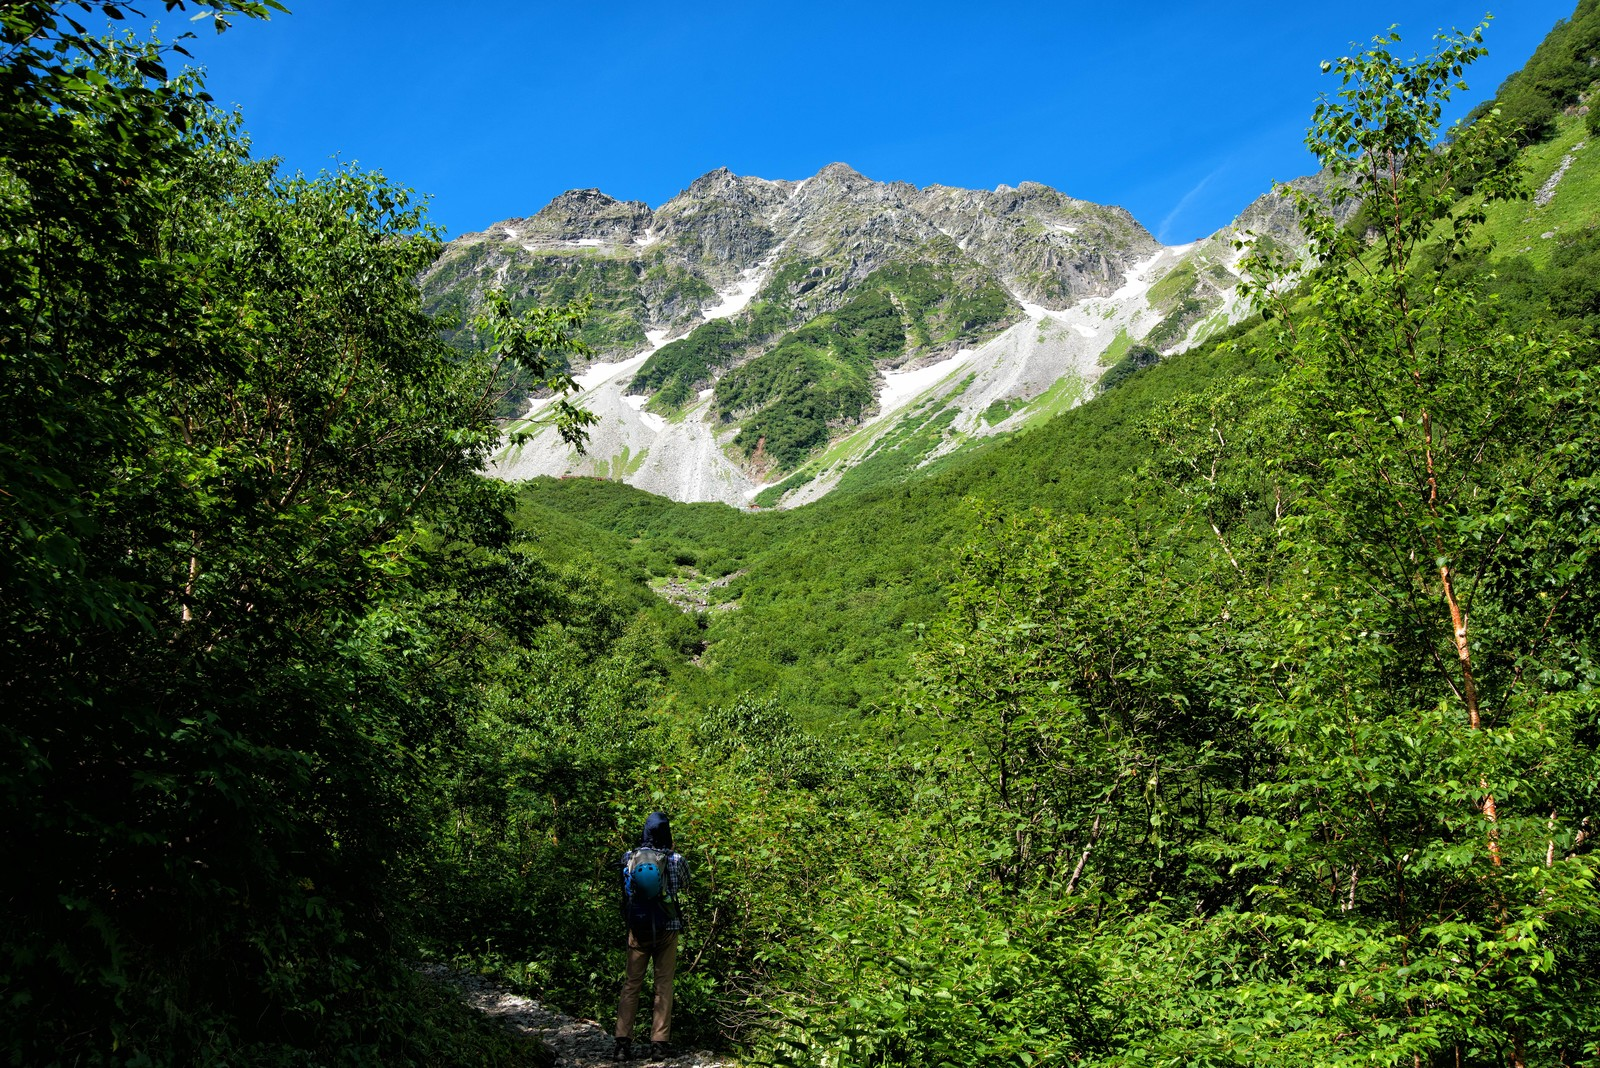 「新緑の涸沢カールを見上げる登山者」の写真